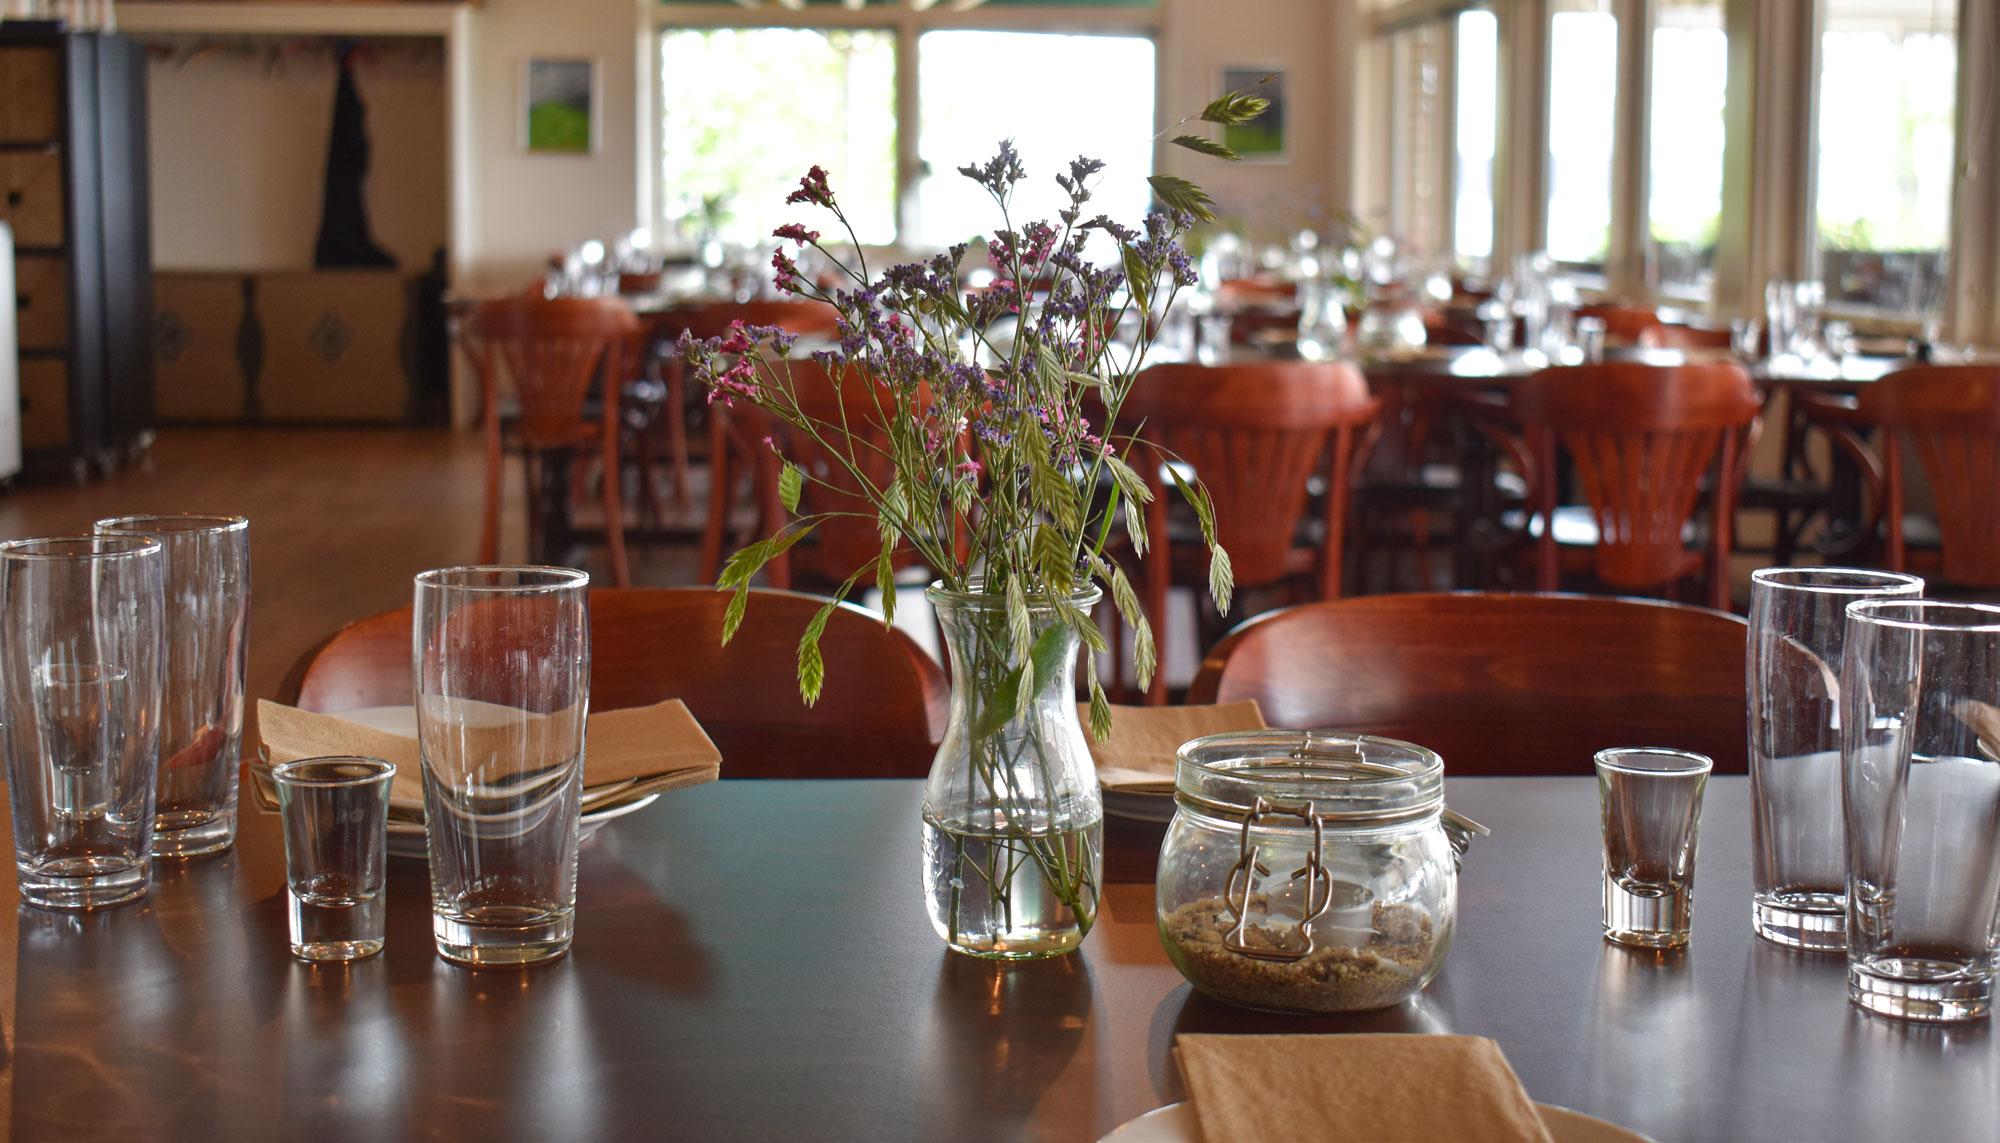 Genåbner med et brag: Restaurant Kronborg er klar med kæmpe-tarteletter og stegt flæsk